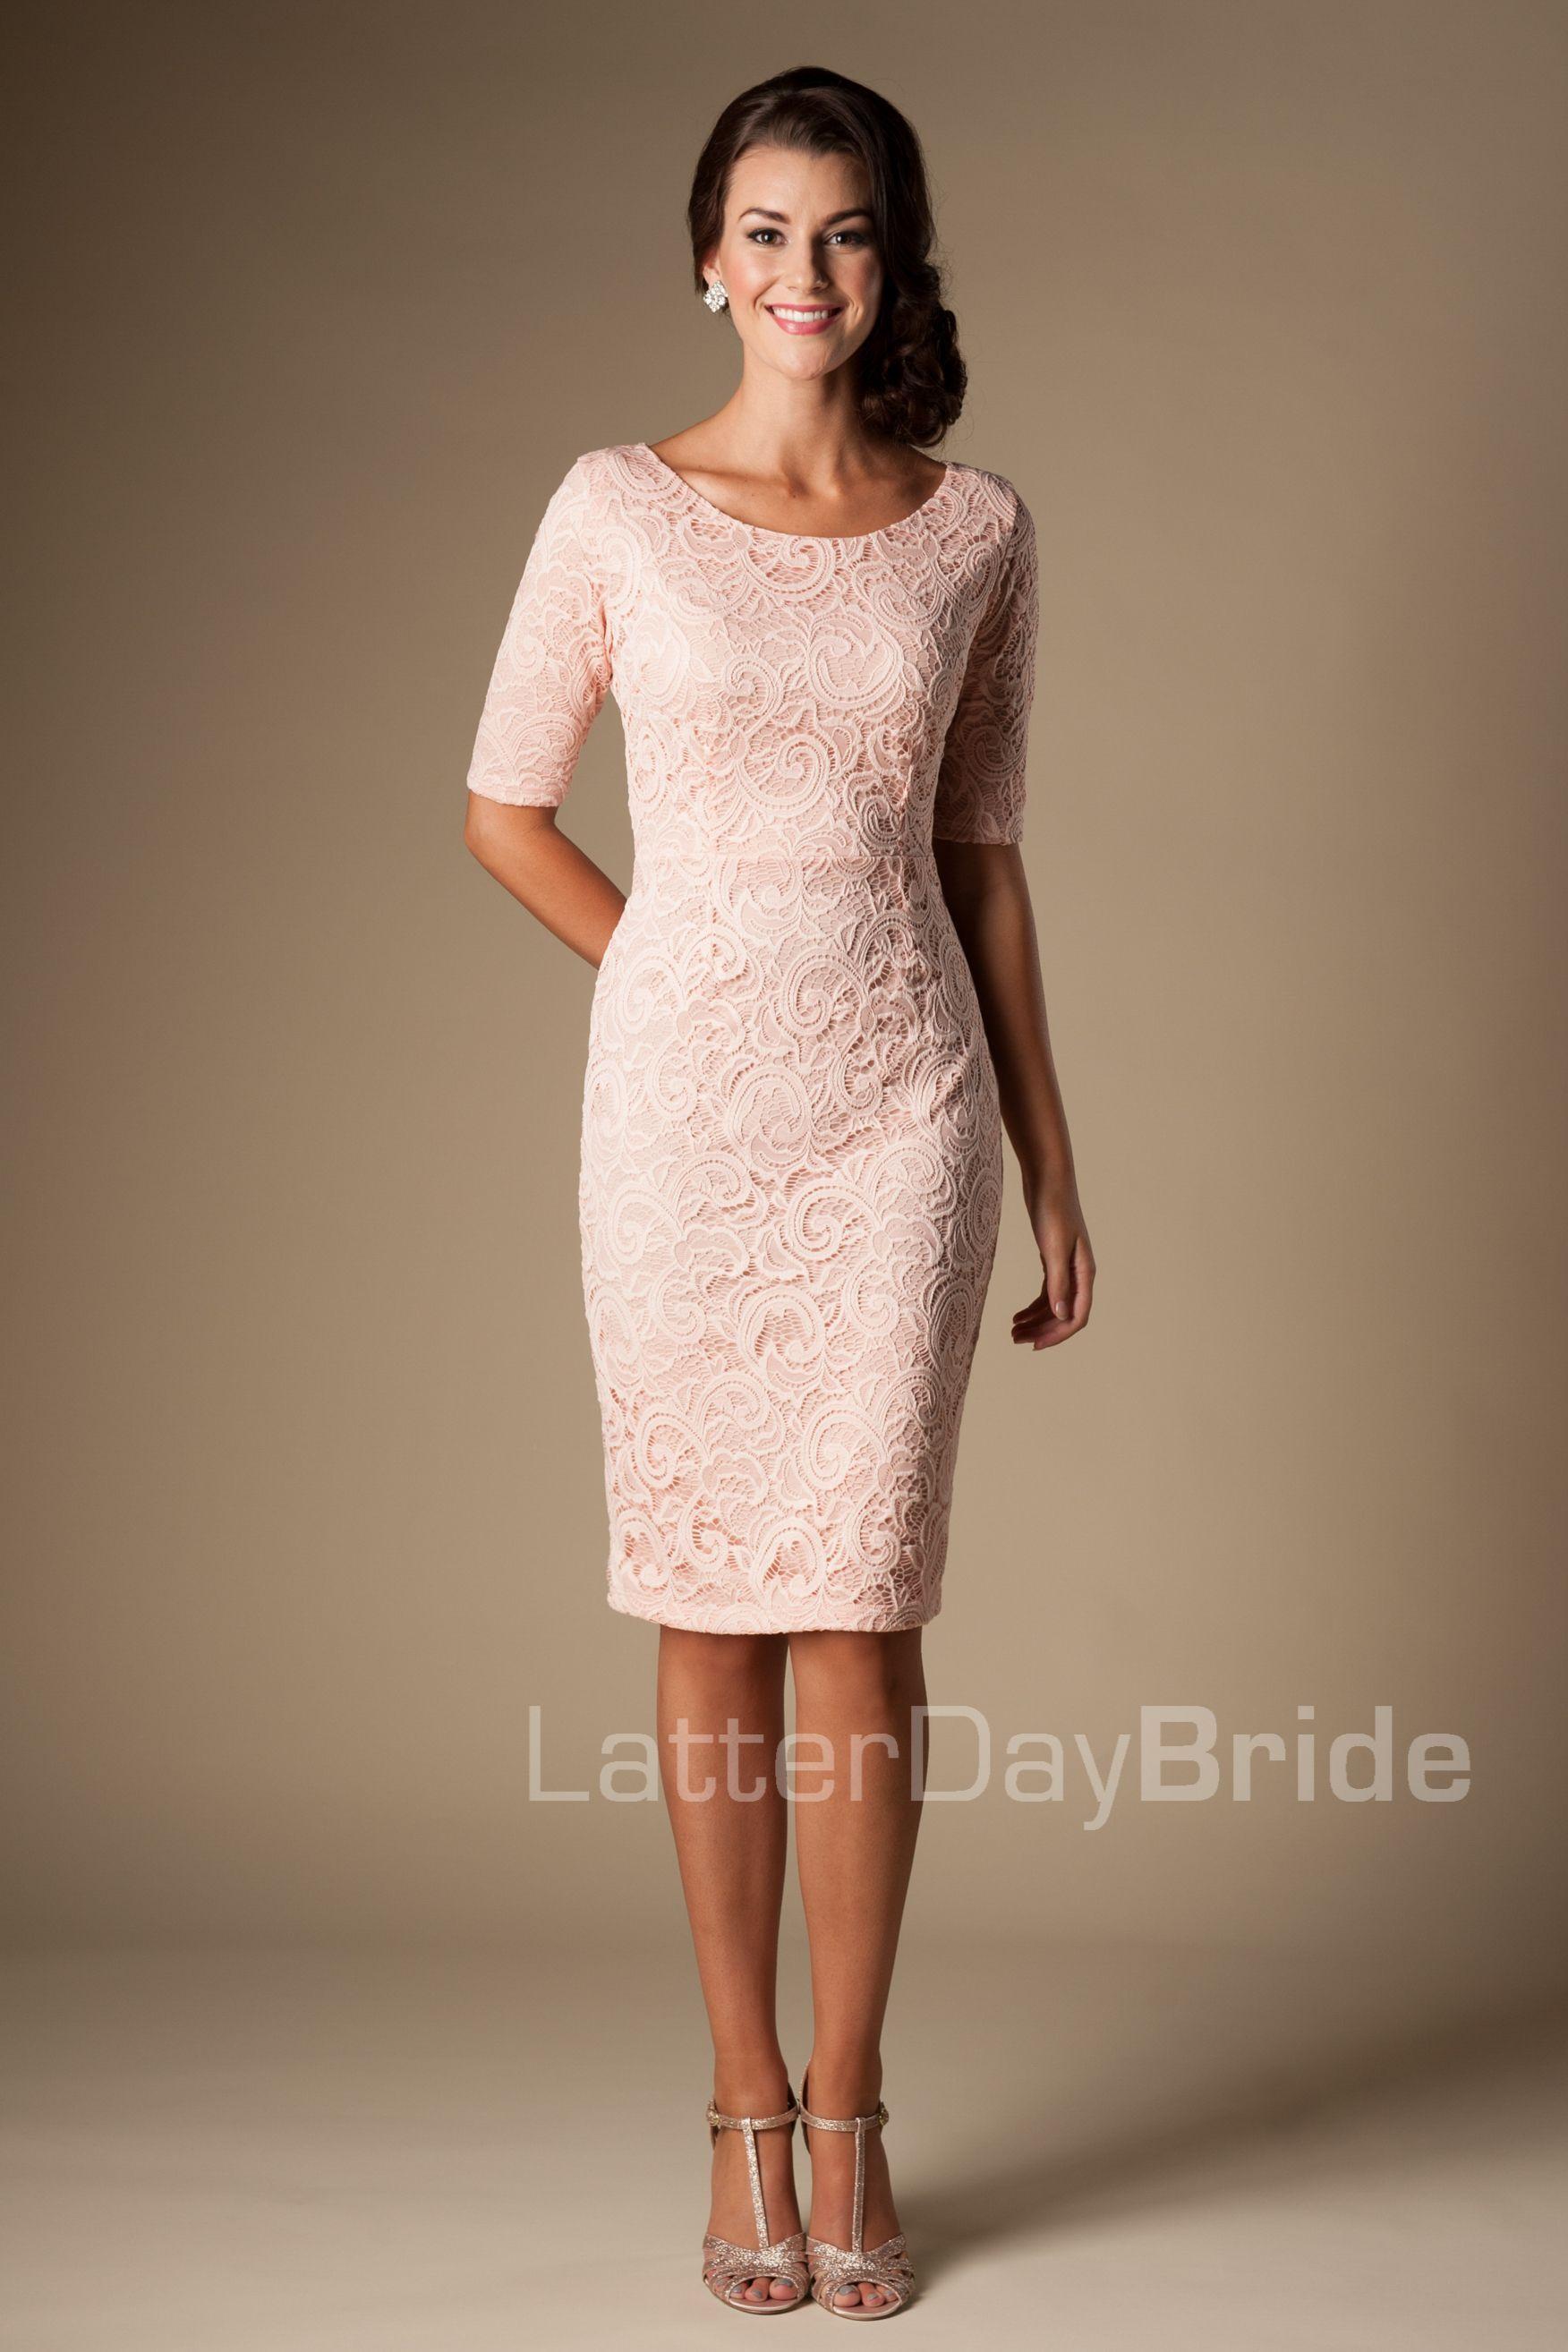 Für Hochzeit/Gast  Hochzeit  Pinterest  Dresses, Modest